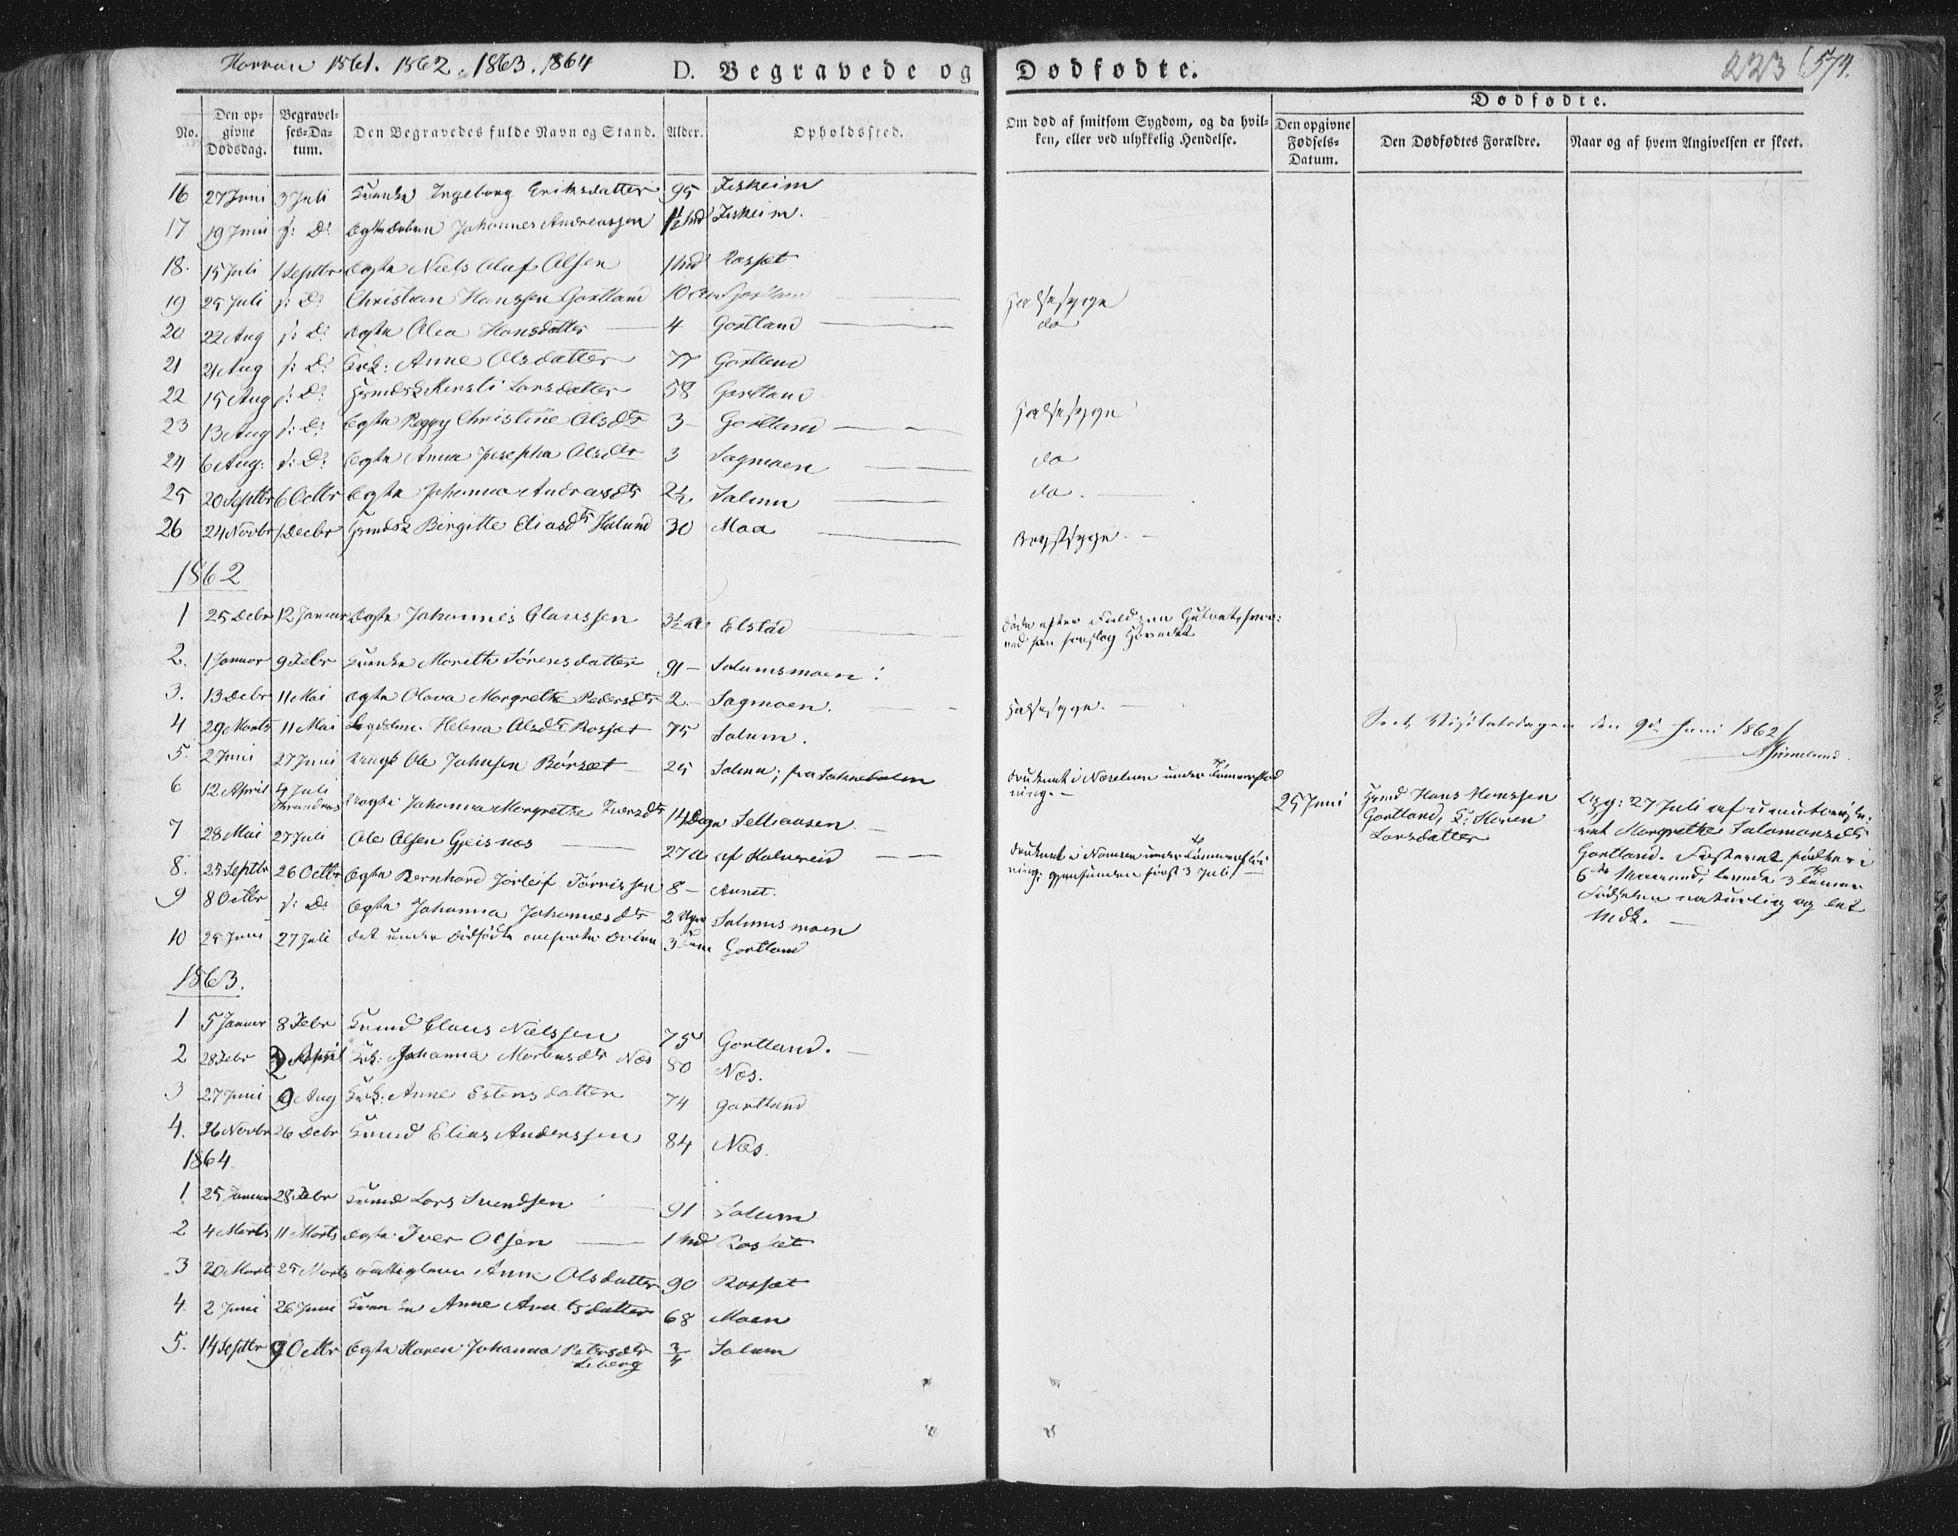 SAT, Ministerialprotokoller, klokkerbøker og fødselsregistre - Nord-Trøndelag, 758/L0513: Ministerialbok nr. 758A02 /3, 1839-1868, s. 223